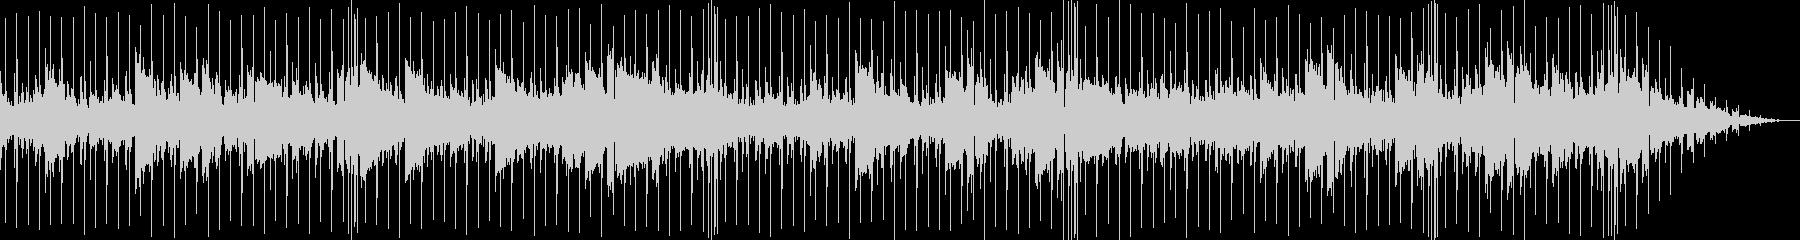 美しく透明で幻想的なチルアウトBGMの未再生の波形